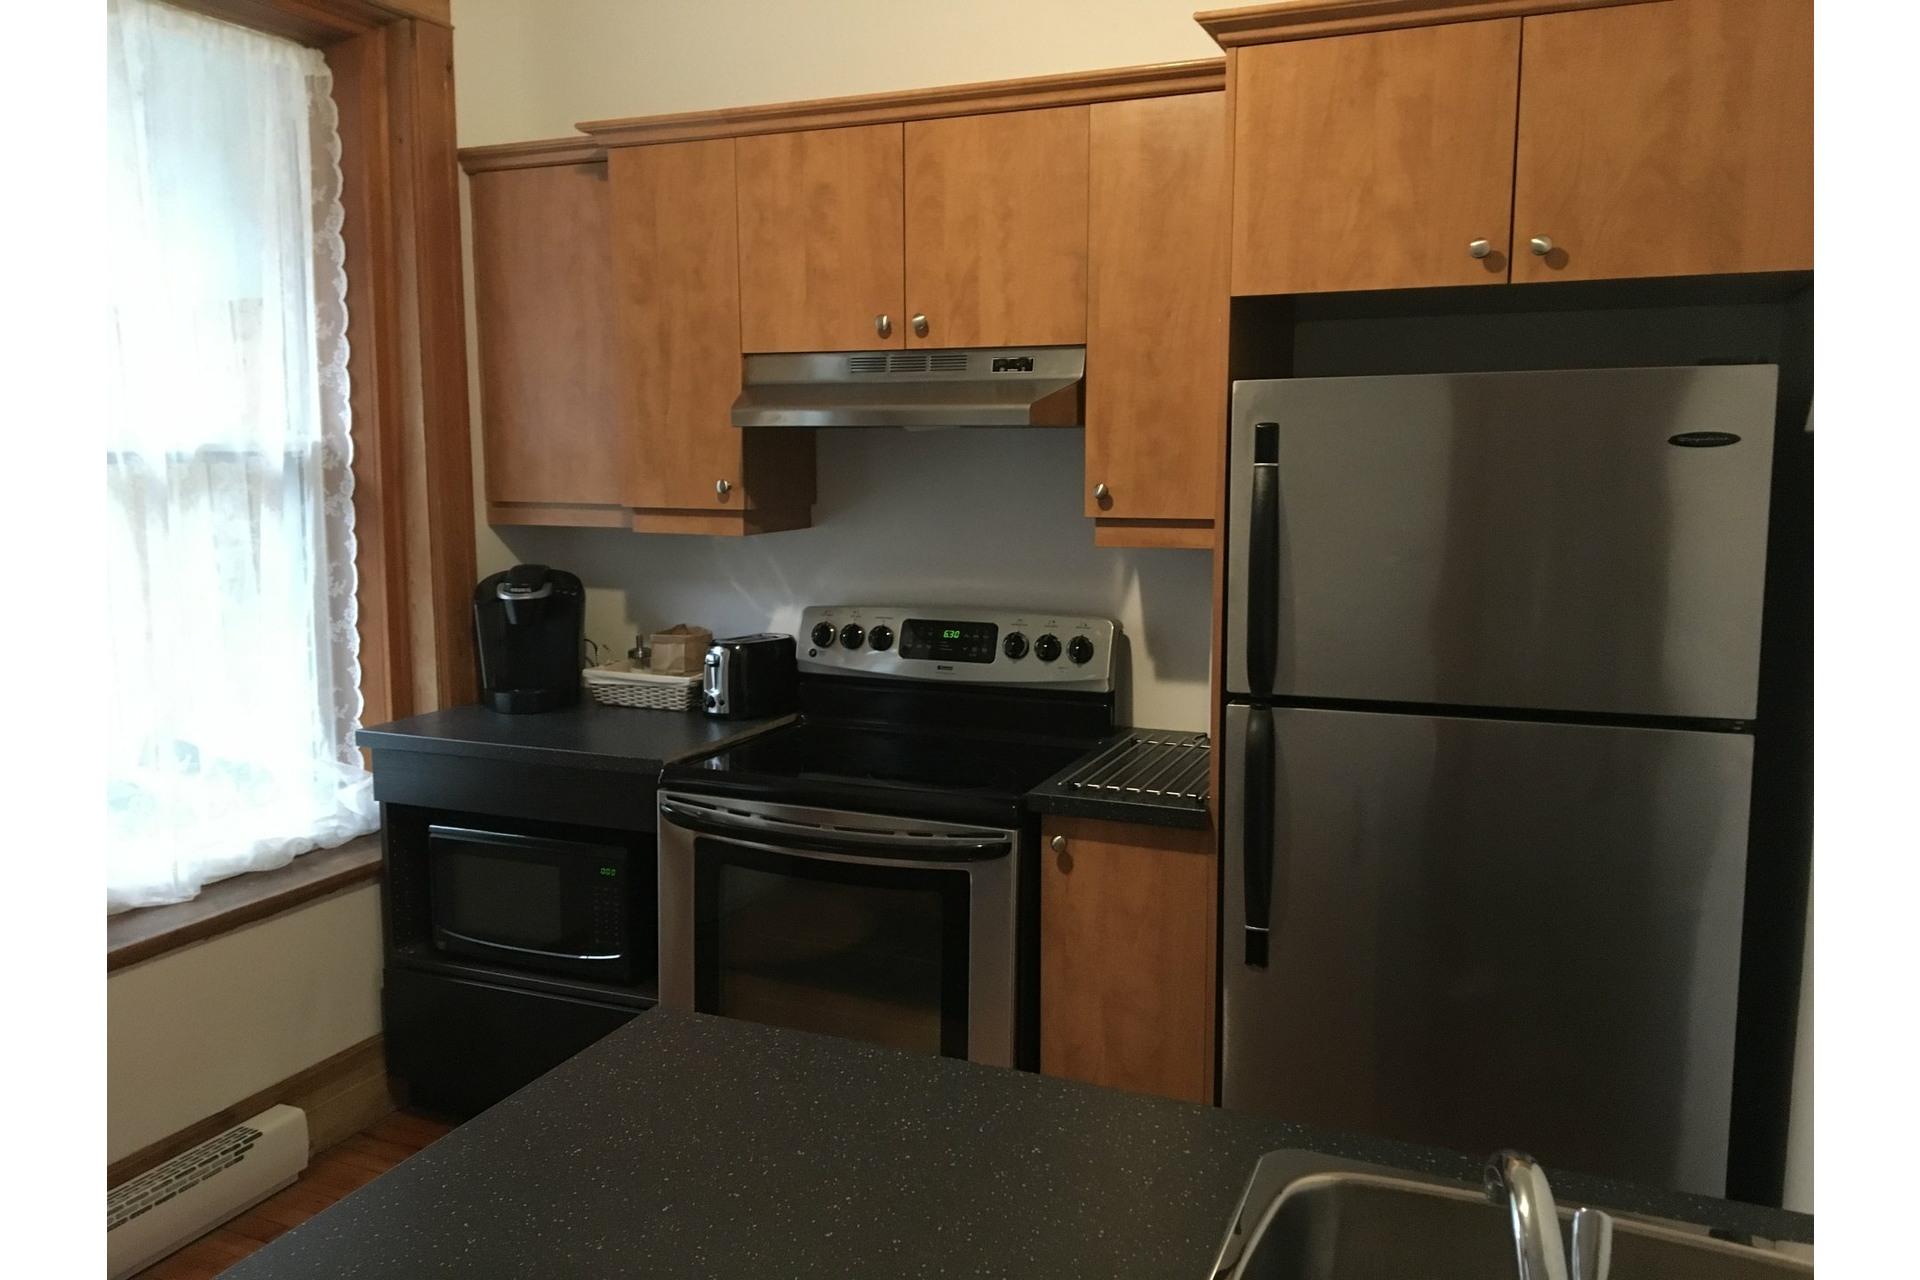 image 8 - Apartment For rent Verdun/Île-des-Soeurs Montréal  - 5 rooms